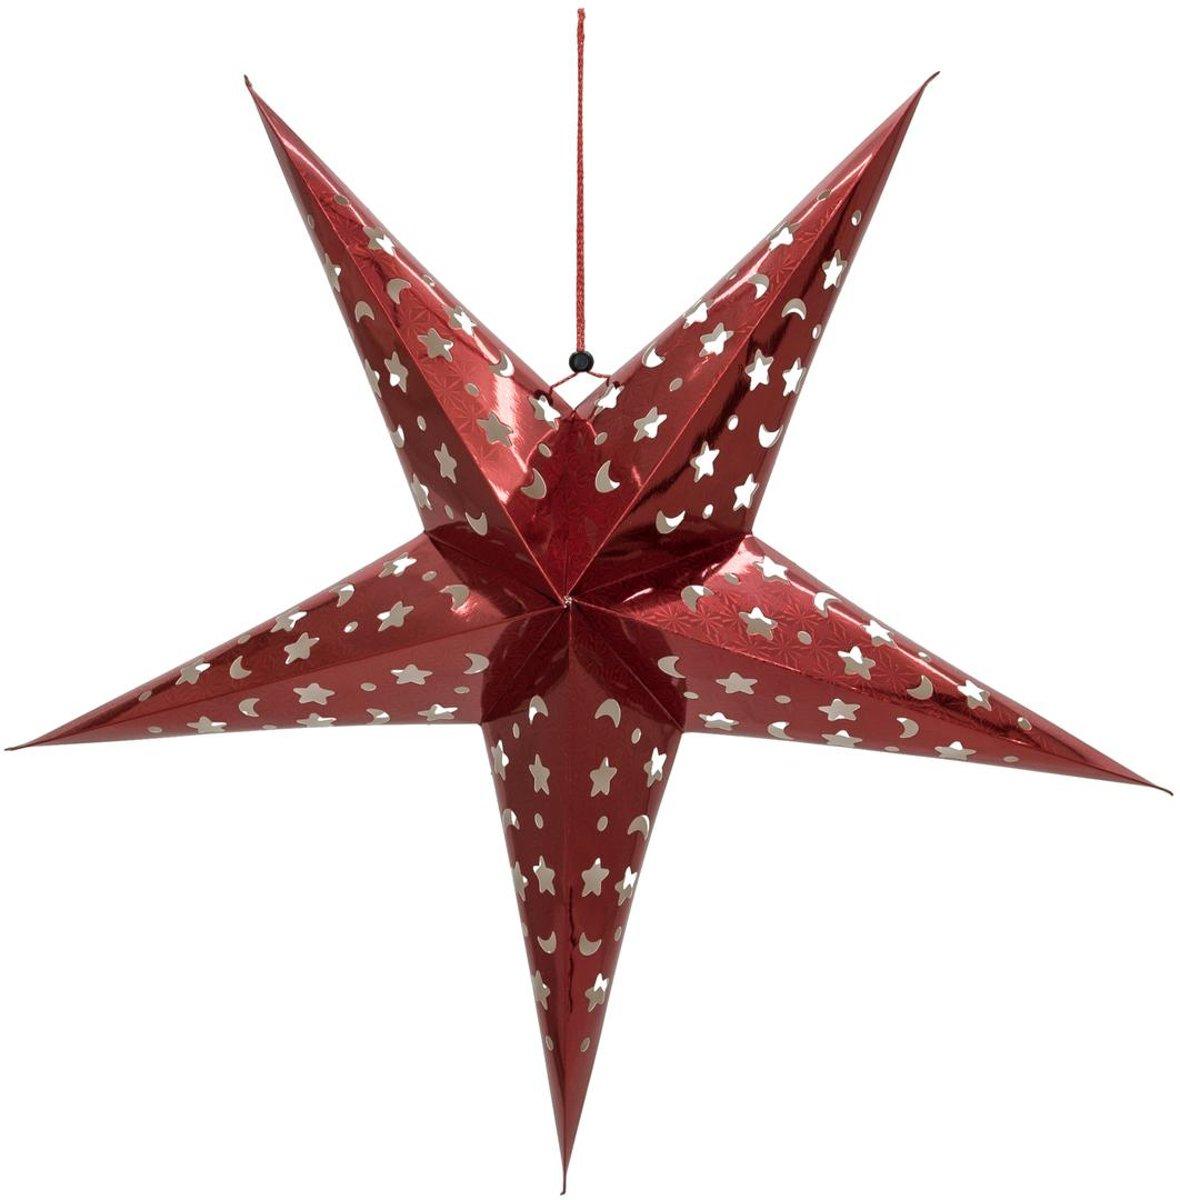 Europalms Kerstster - Papier - Rood - 75 cm - opvouwbaar - Kerstdecoratie kopen